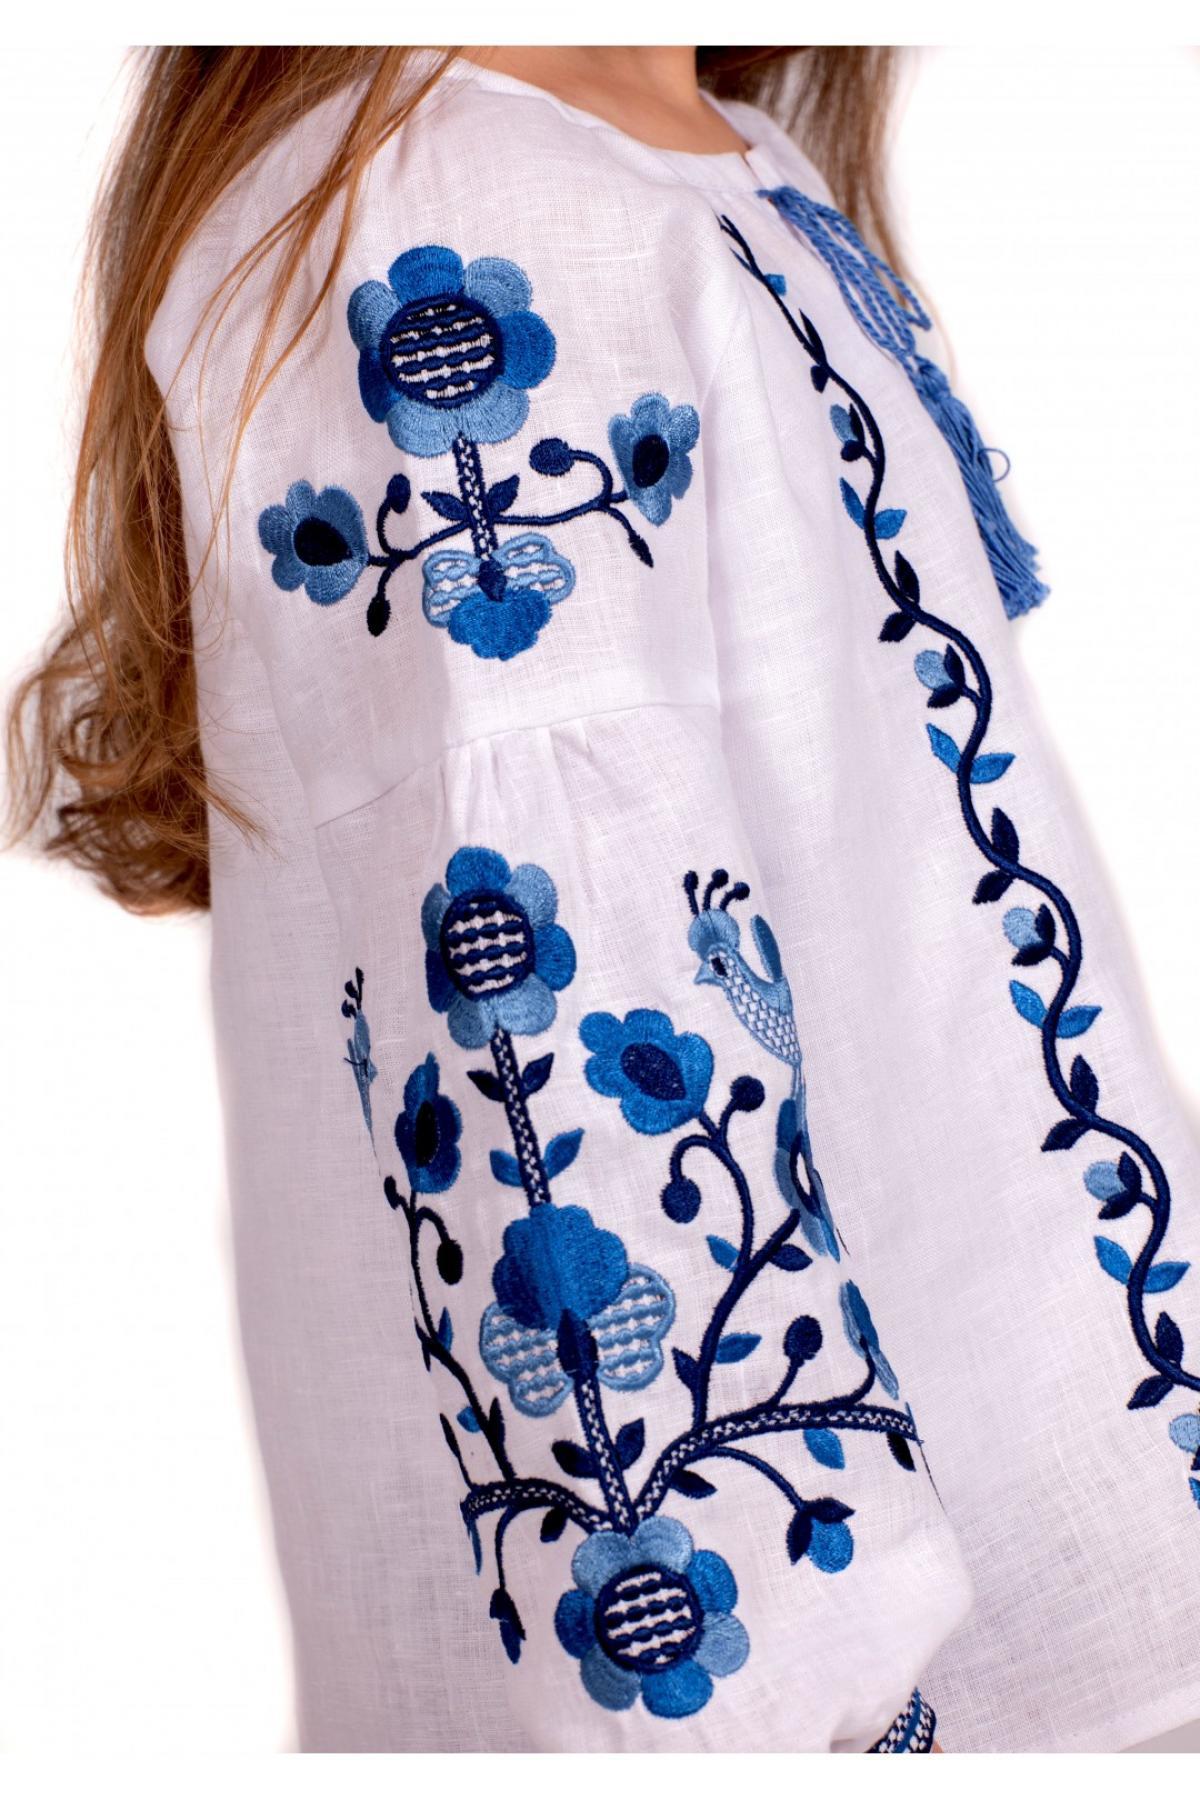 Вишиванка для дівчинки біла з синьою вишивкою. Фото №3. | Народний дім Україна